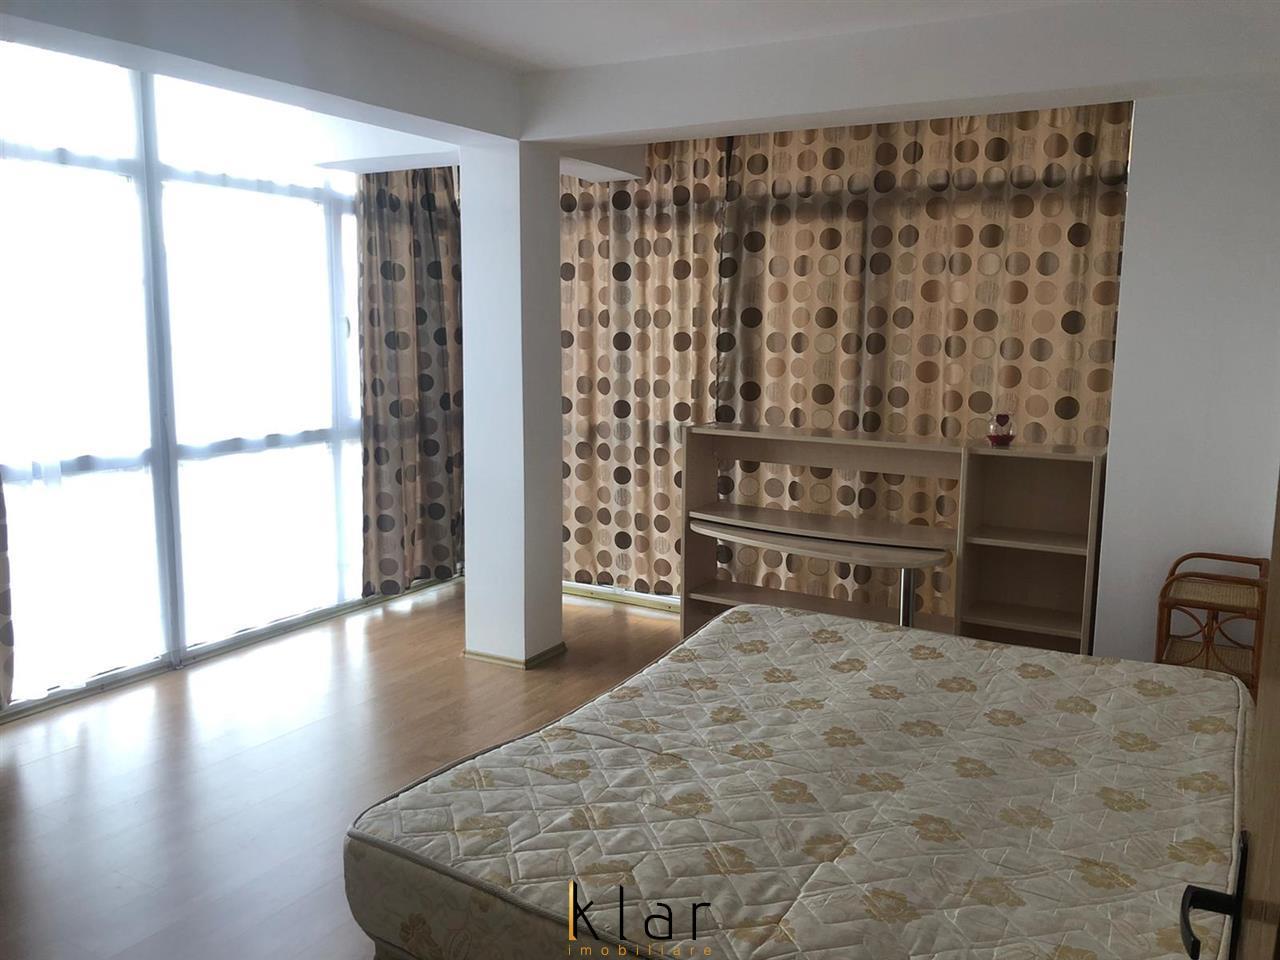 Apartament de inchiriat, 3 camere Super pret !